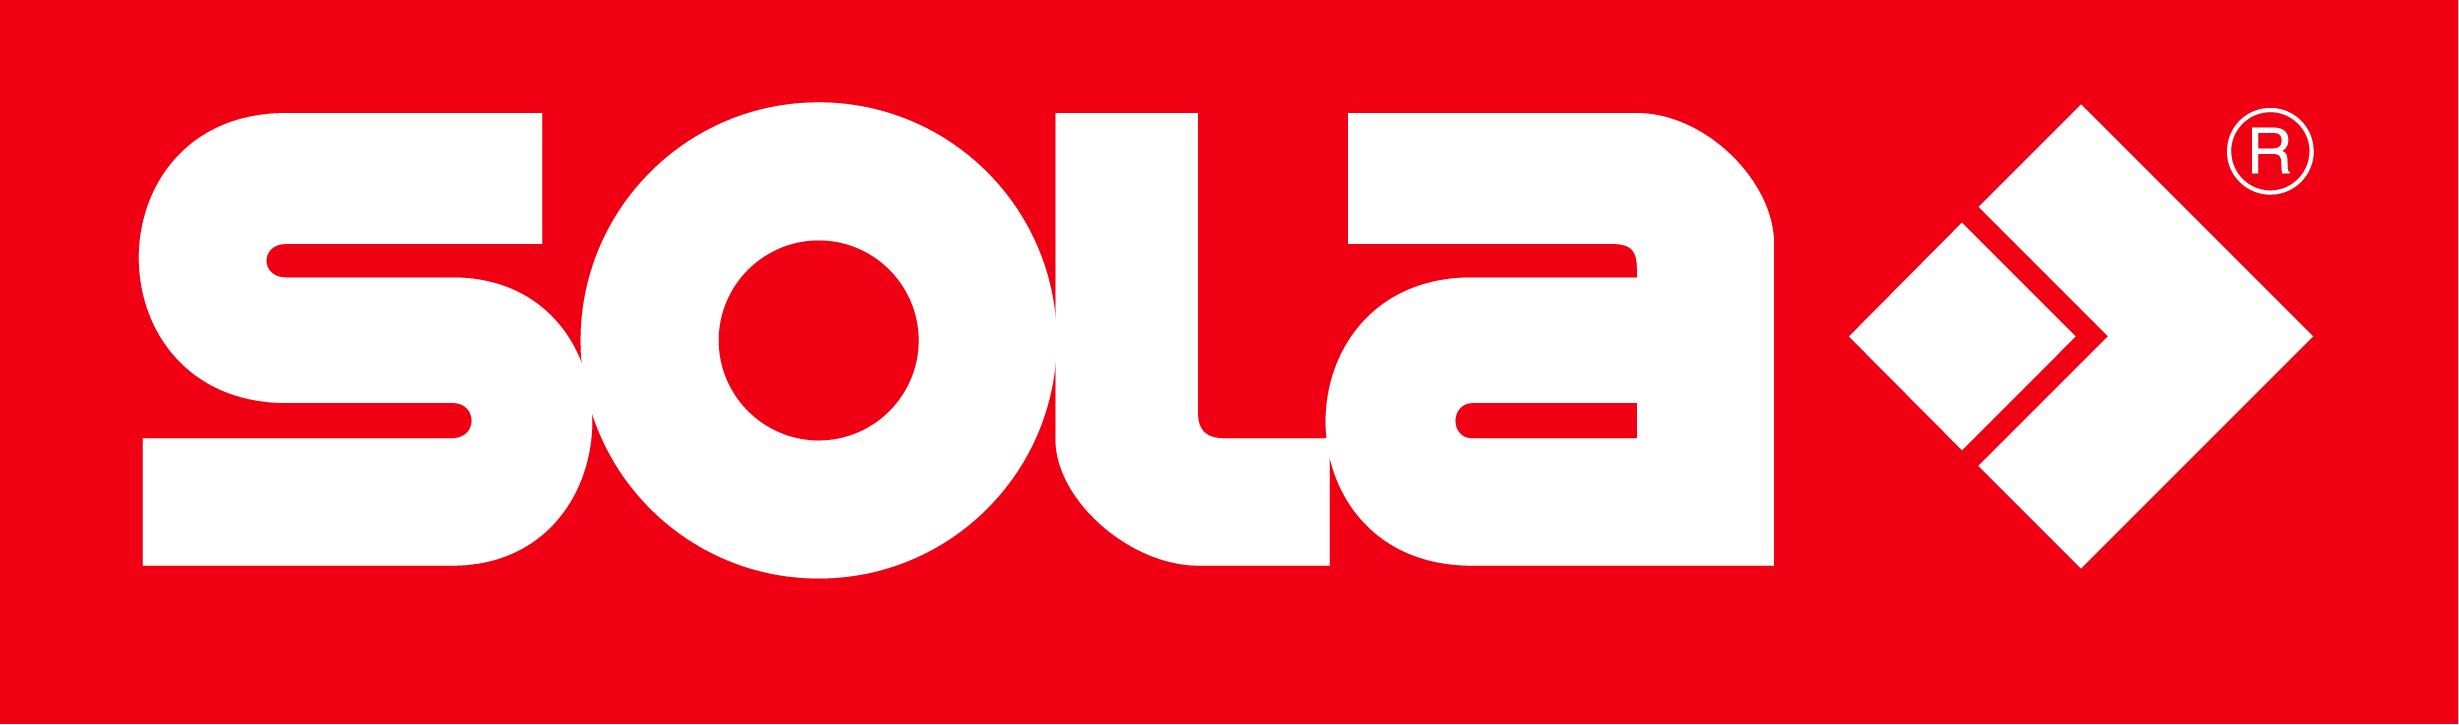 sola_logo.jpg